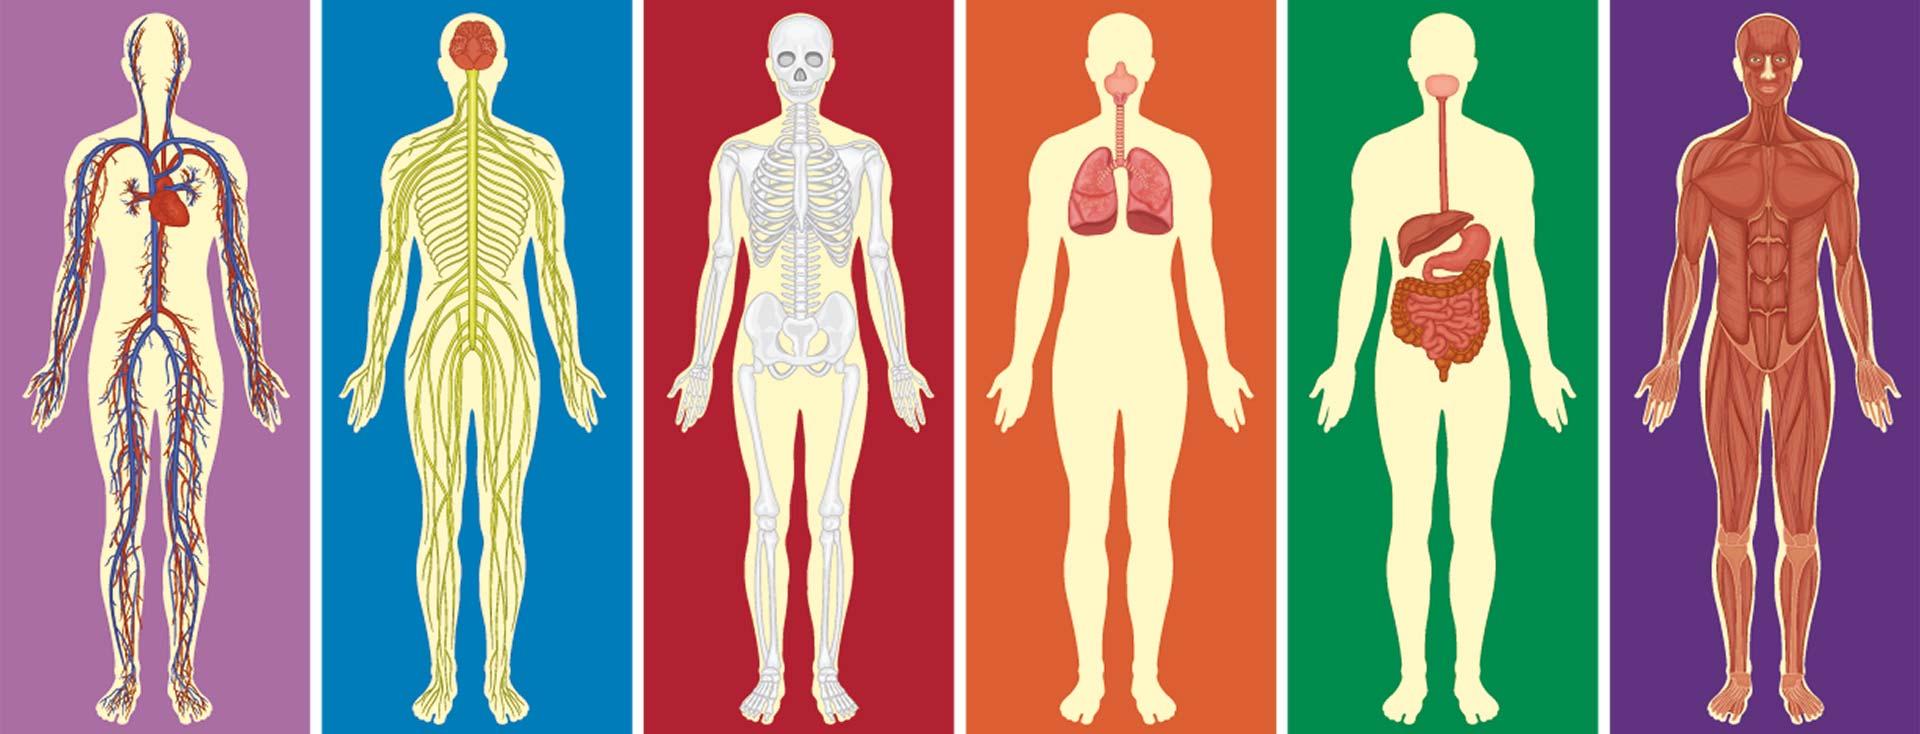 Menschliche Anatomie – so funktioniert unser Körper - Echo-H2